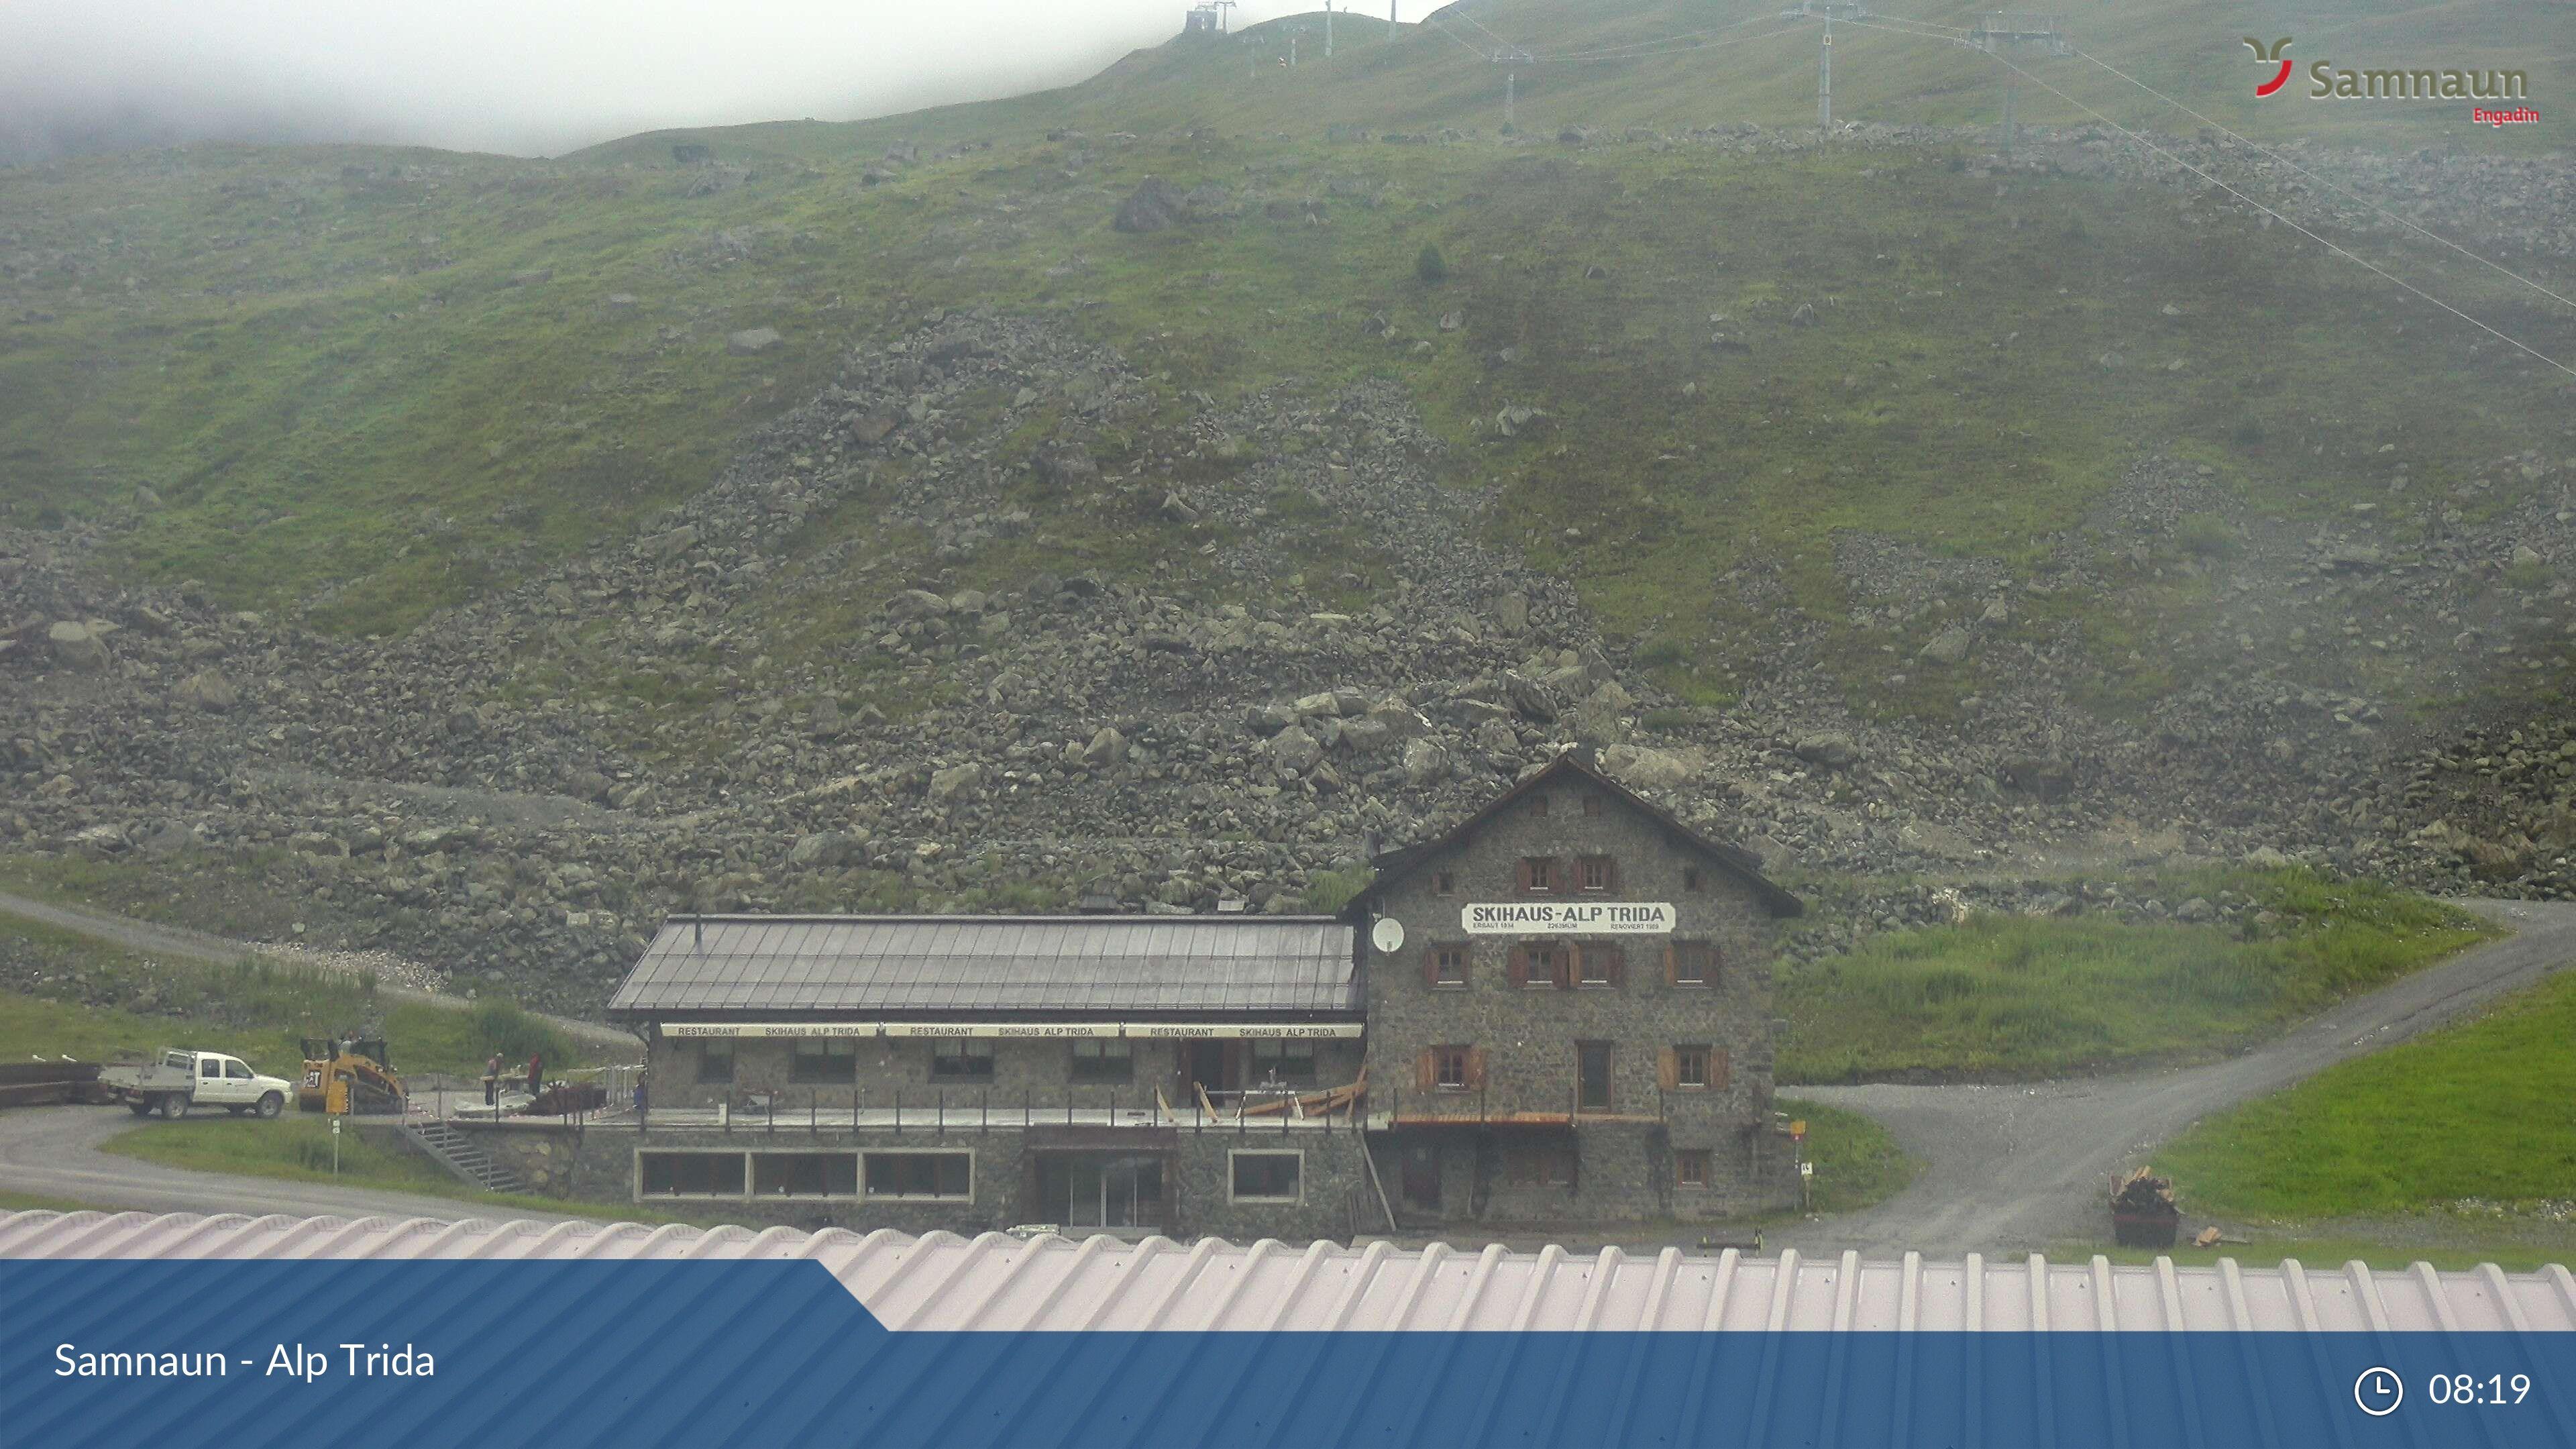 Compatsch: Samnaun - Alp Trida, Restaurant Skihaus